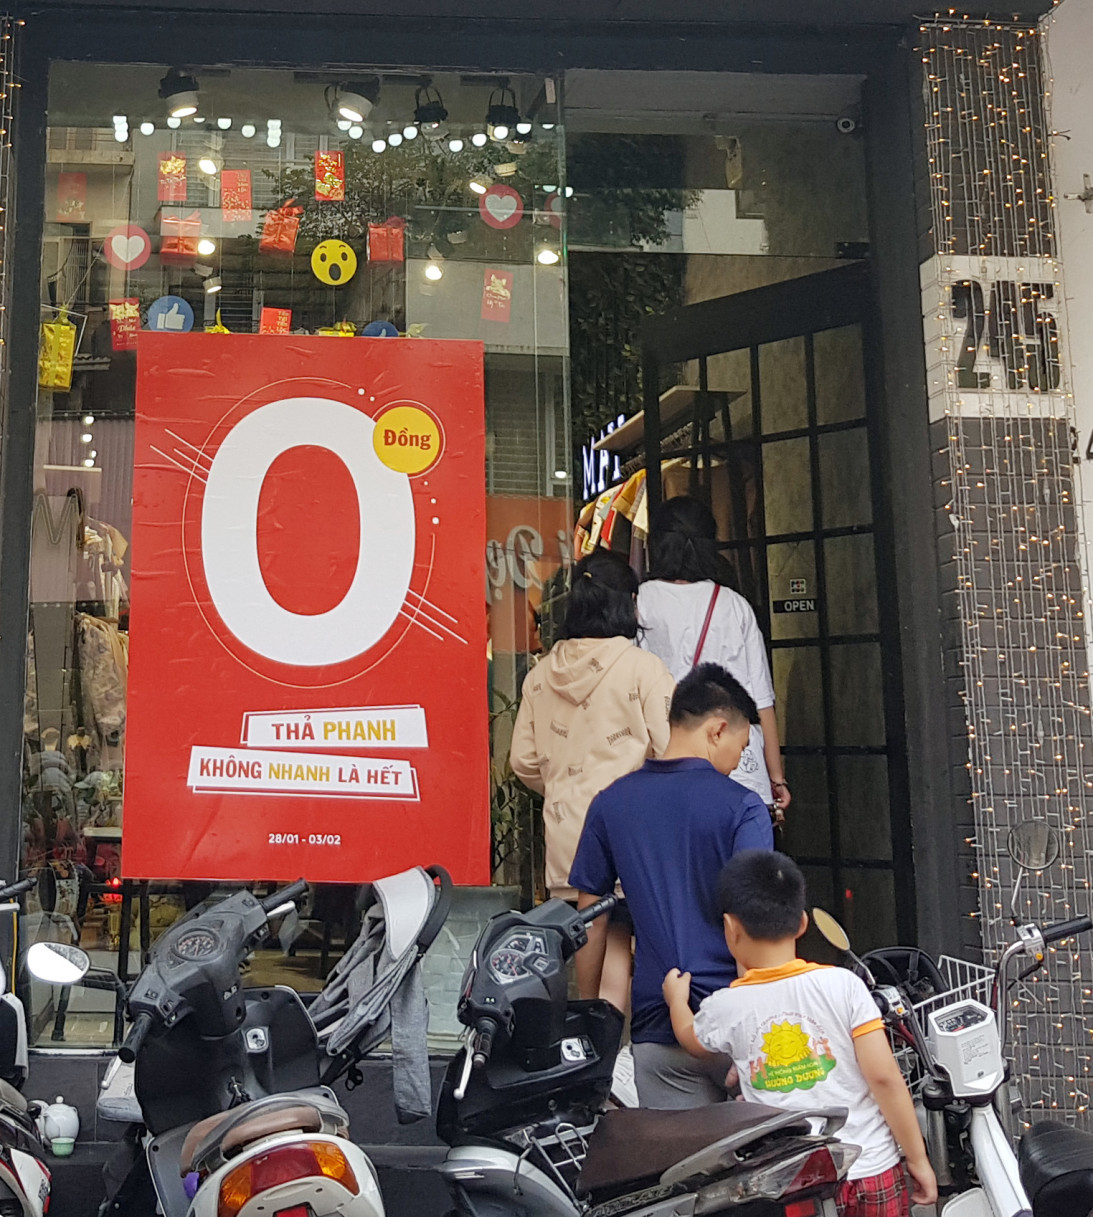 Tấm biển khuyến mãi 0 đồng hút khách nườm nượp vào cửa hàng